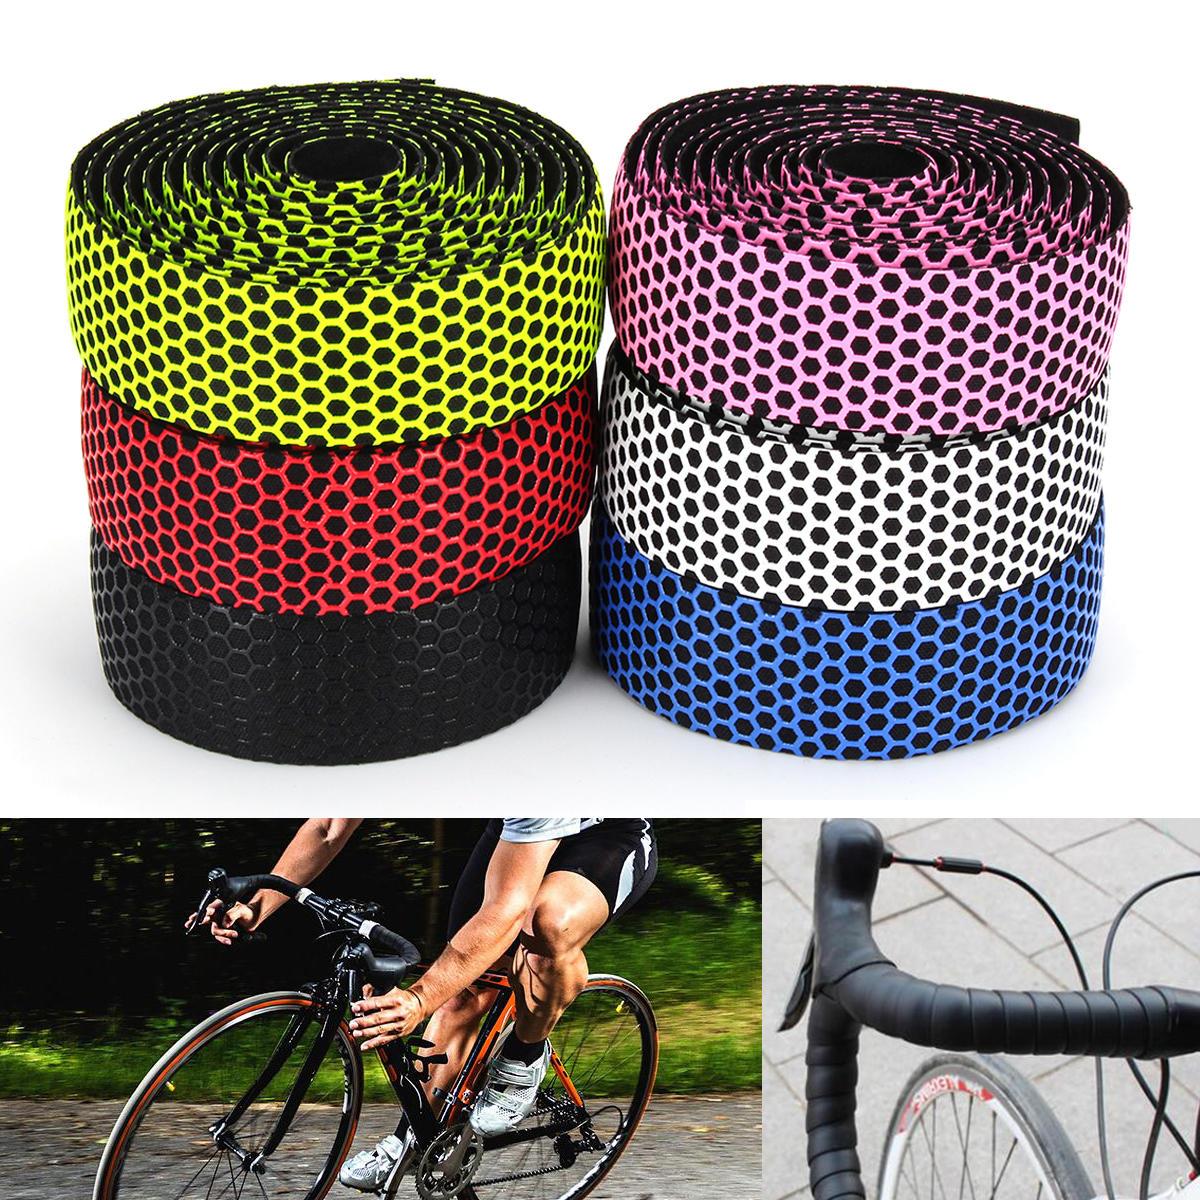 BIKIGHTハンドルバーテープ自転車ロードバイクスポーツコルクグリップラップリボンテープバープラグ